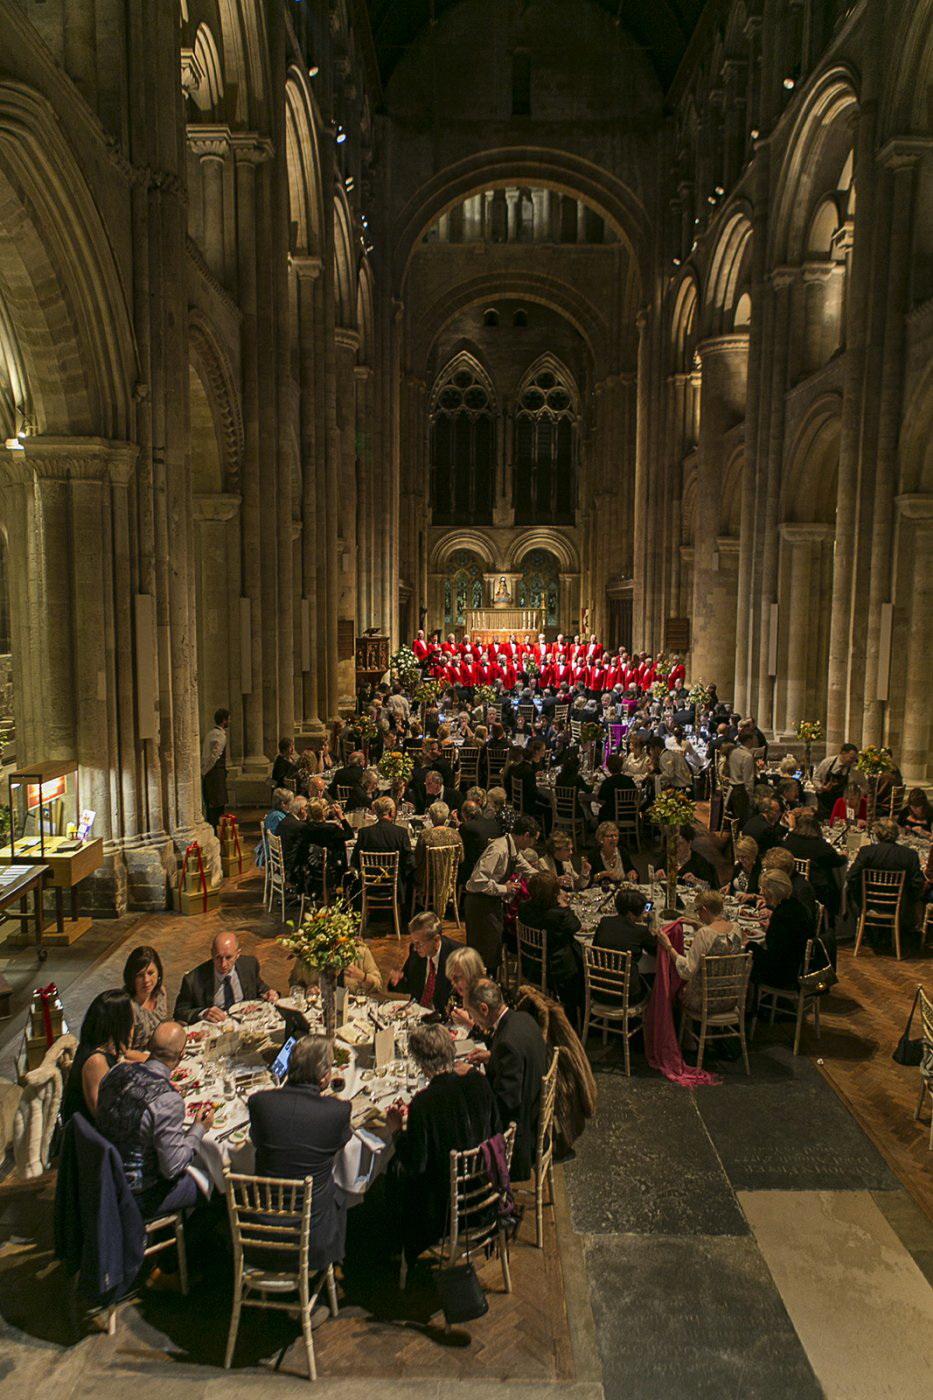 Рождественский благотворительный ужин, Аббатство Ромзи, графство Хэмпшир, Англия